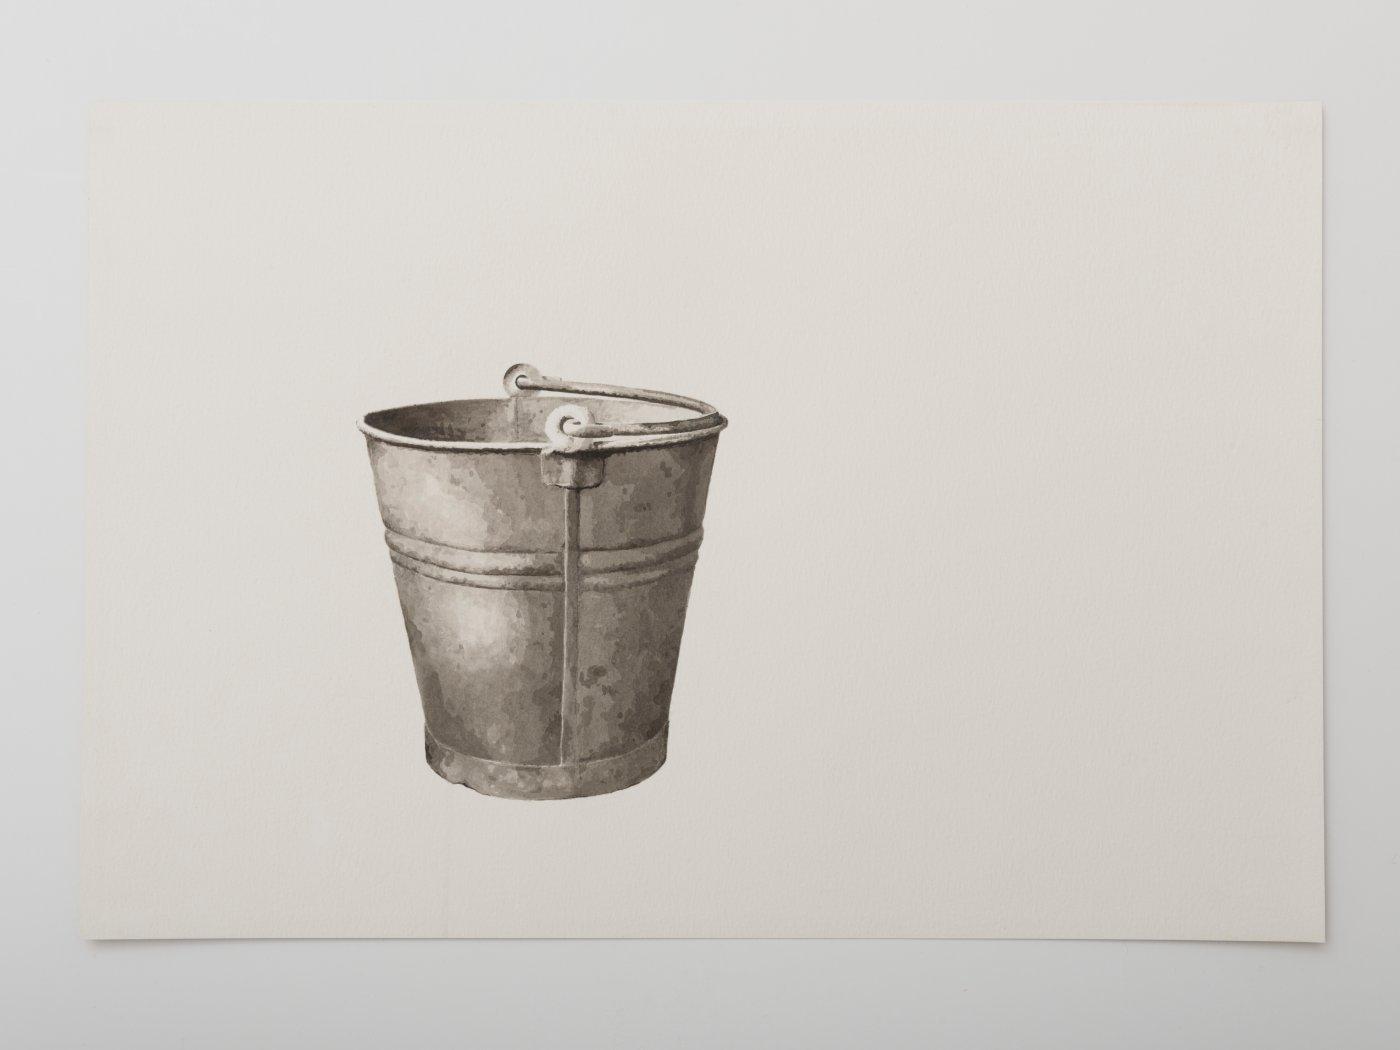 Still thinking 1 (Bucket I)